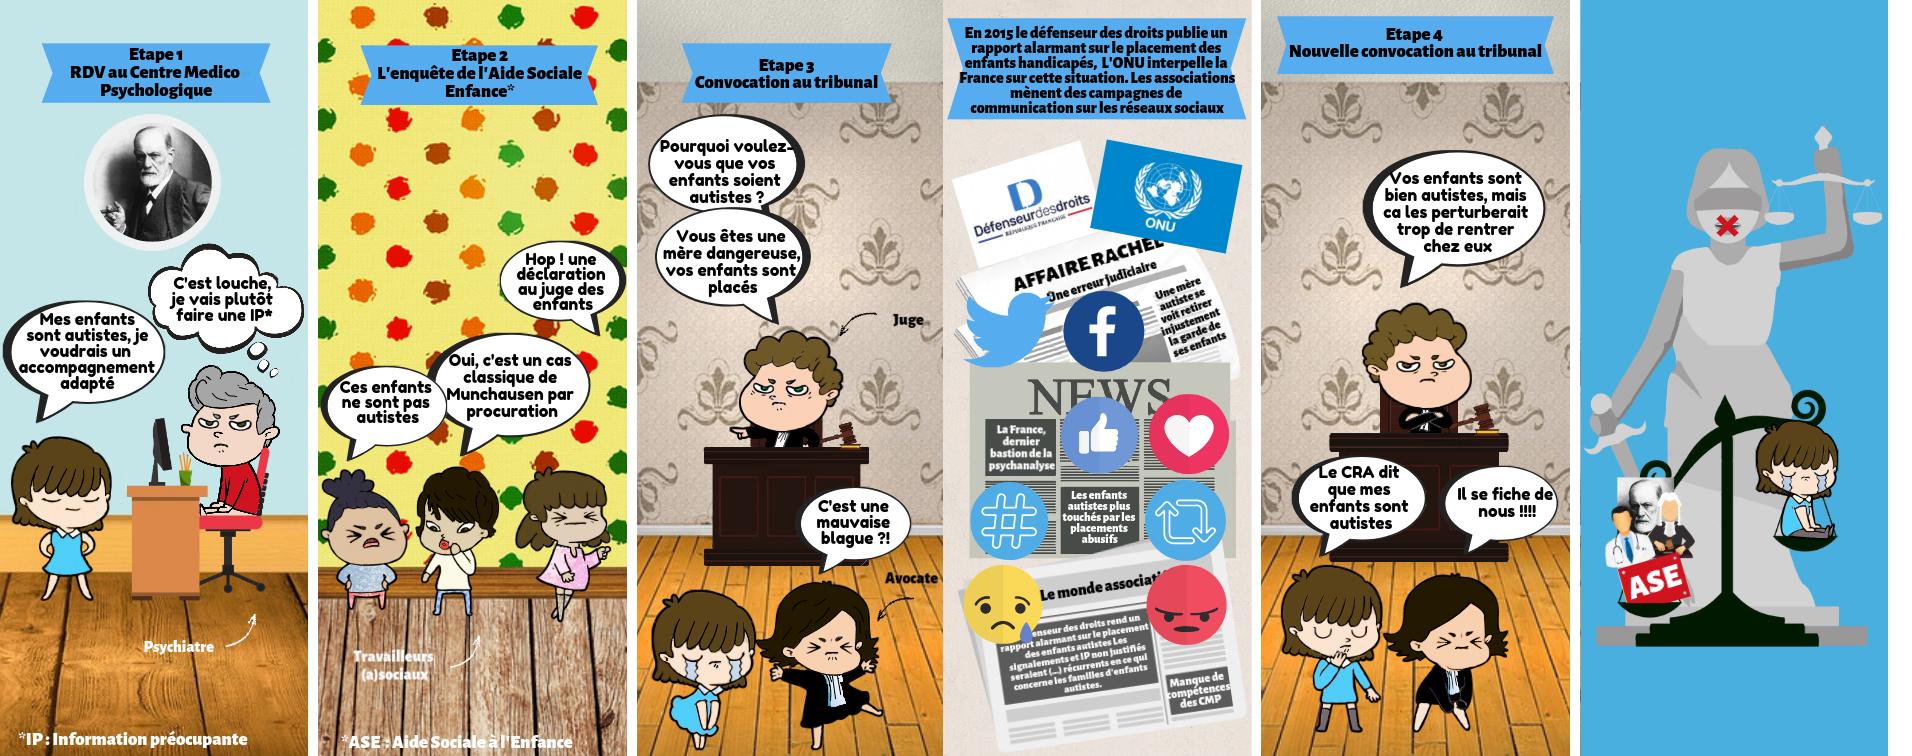 psychanalyse, protection de l'enfance, autisme, placements abusifs, information préoccupante